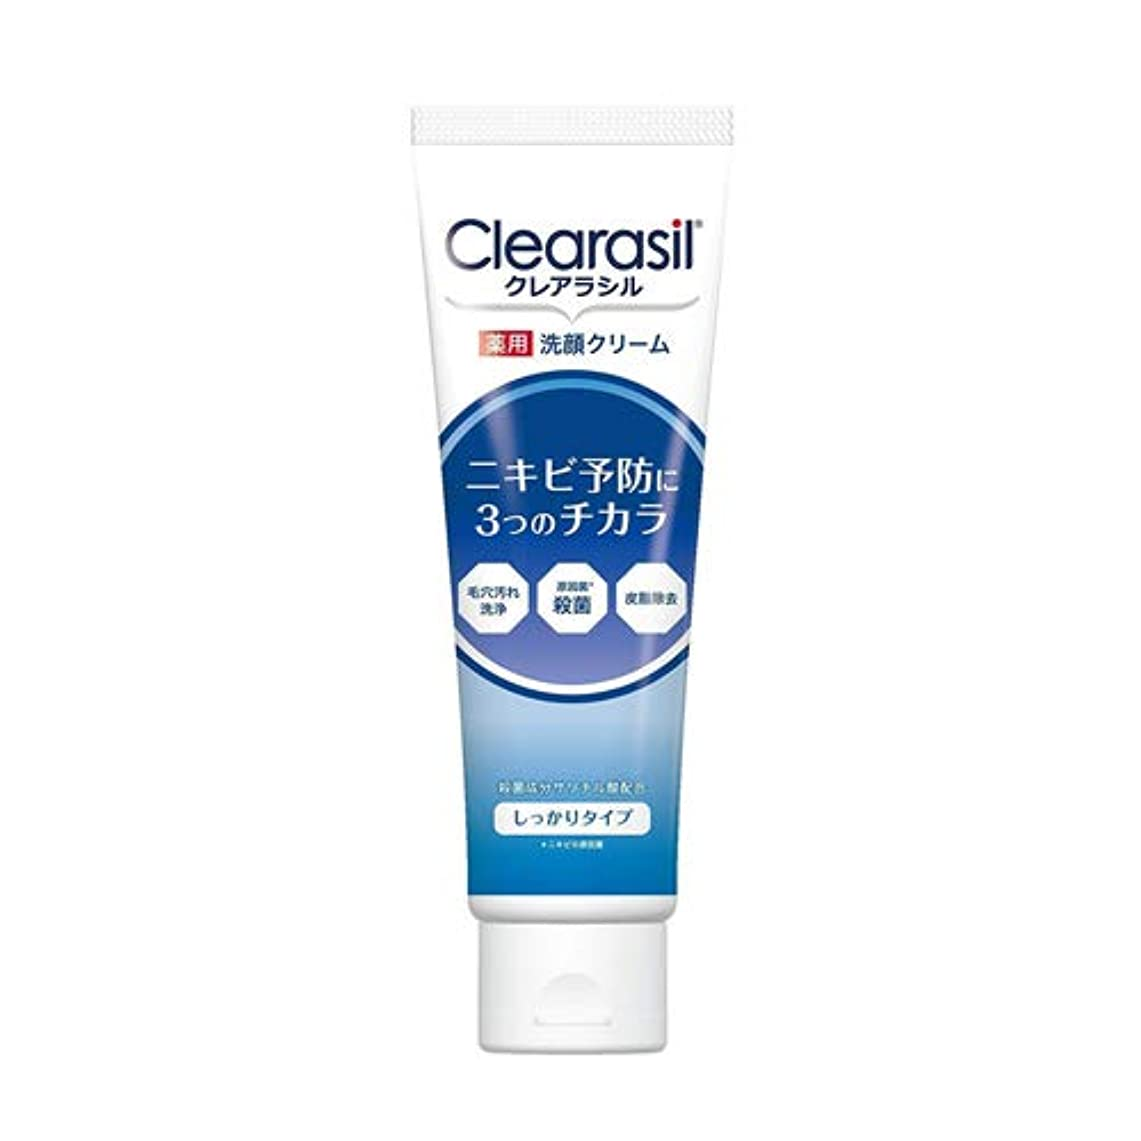 薬理学ひそかに居心地の良いクレアラシル 薬用 洗顔クリーム しっかりタイプ 120g 【医薬部外品】